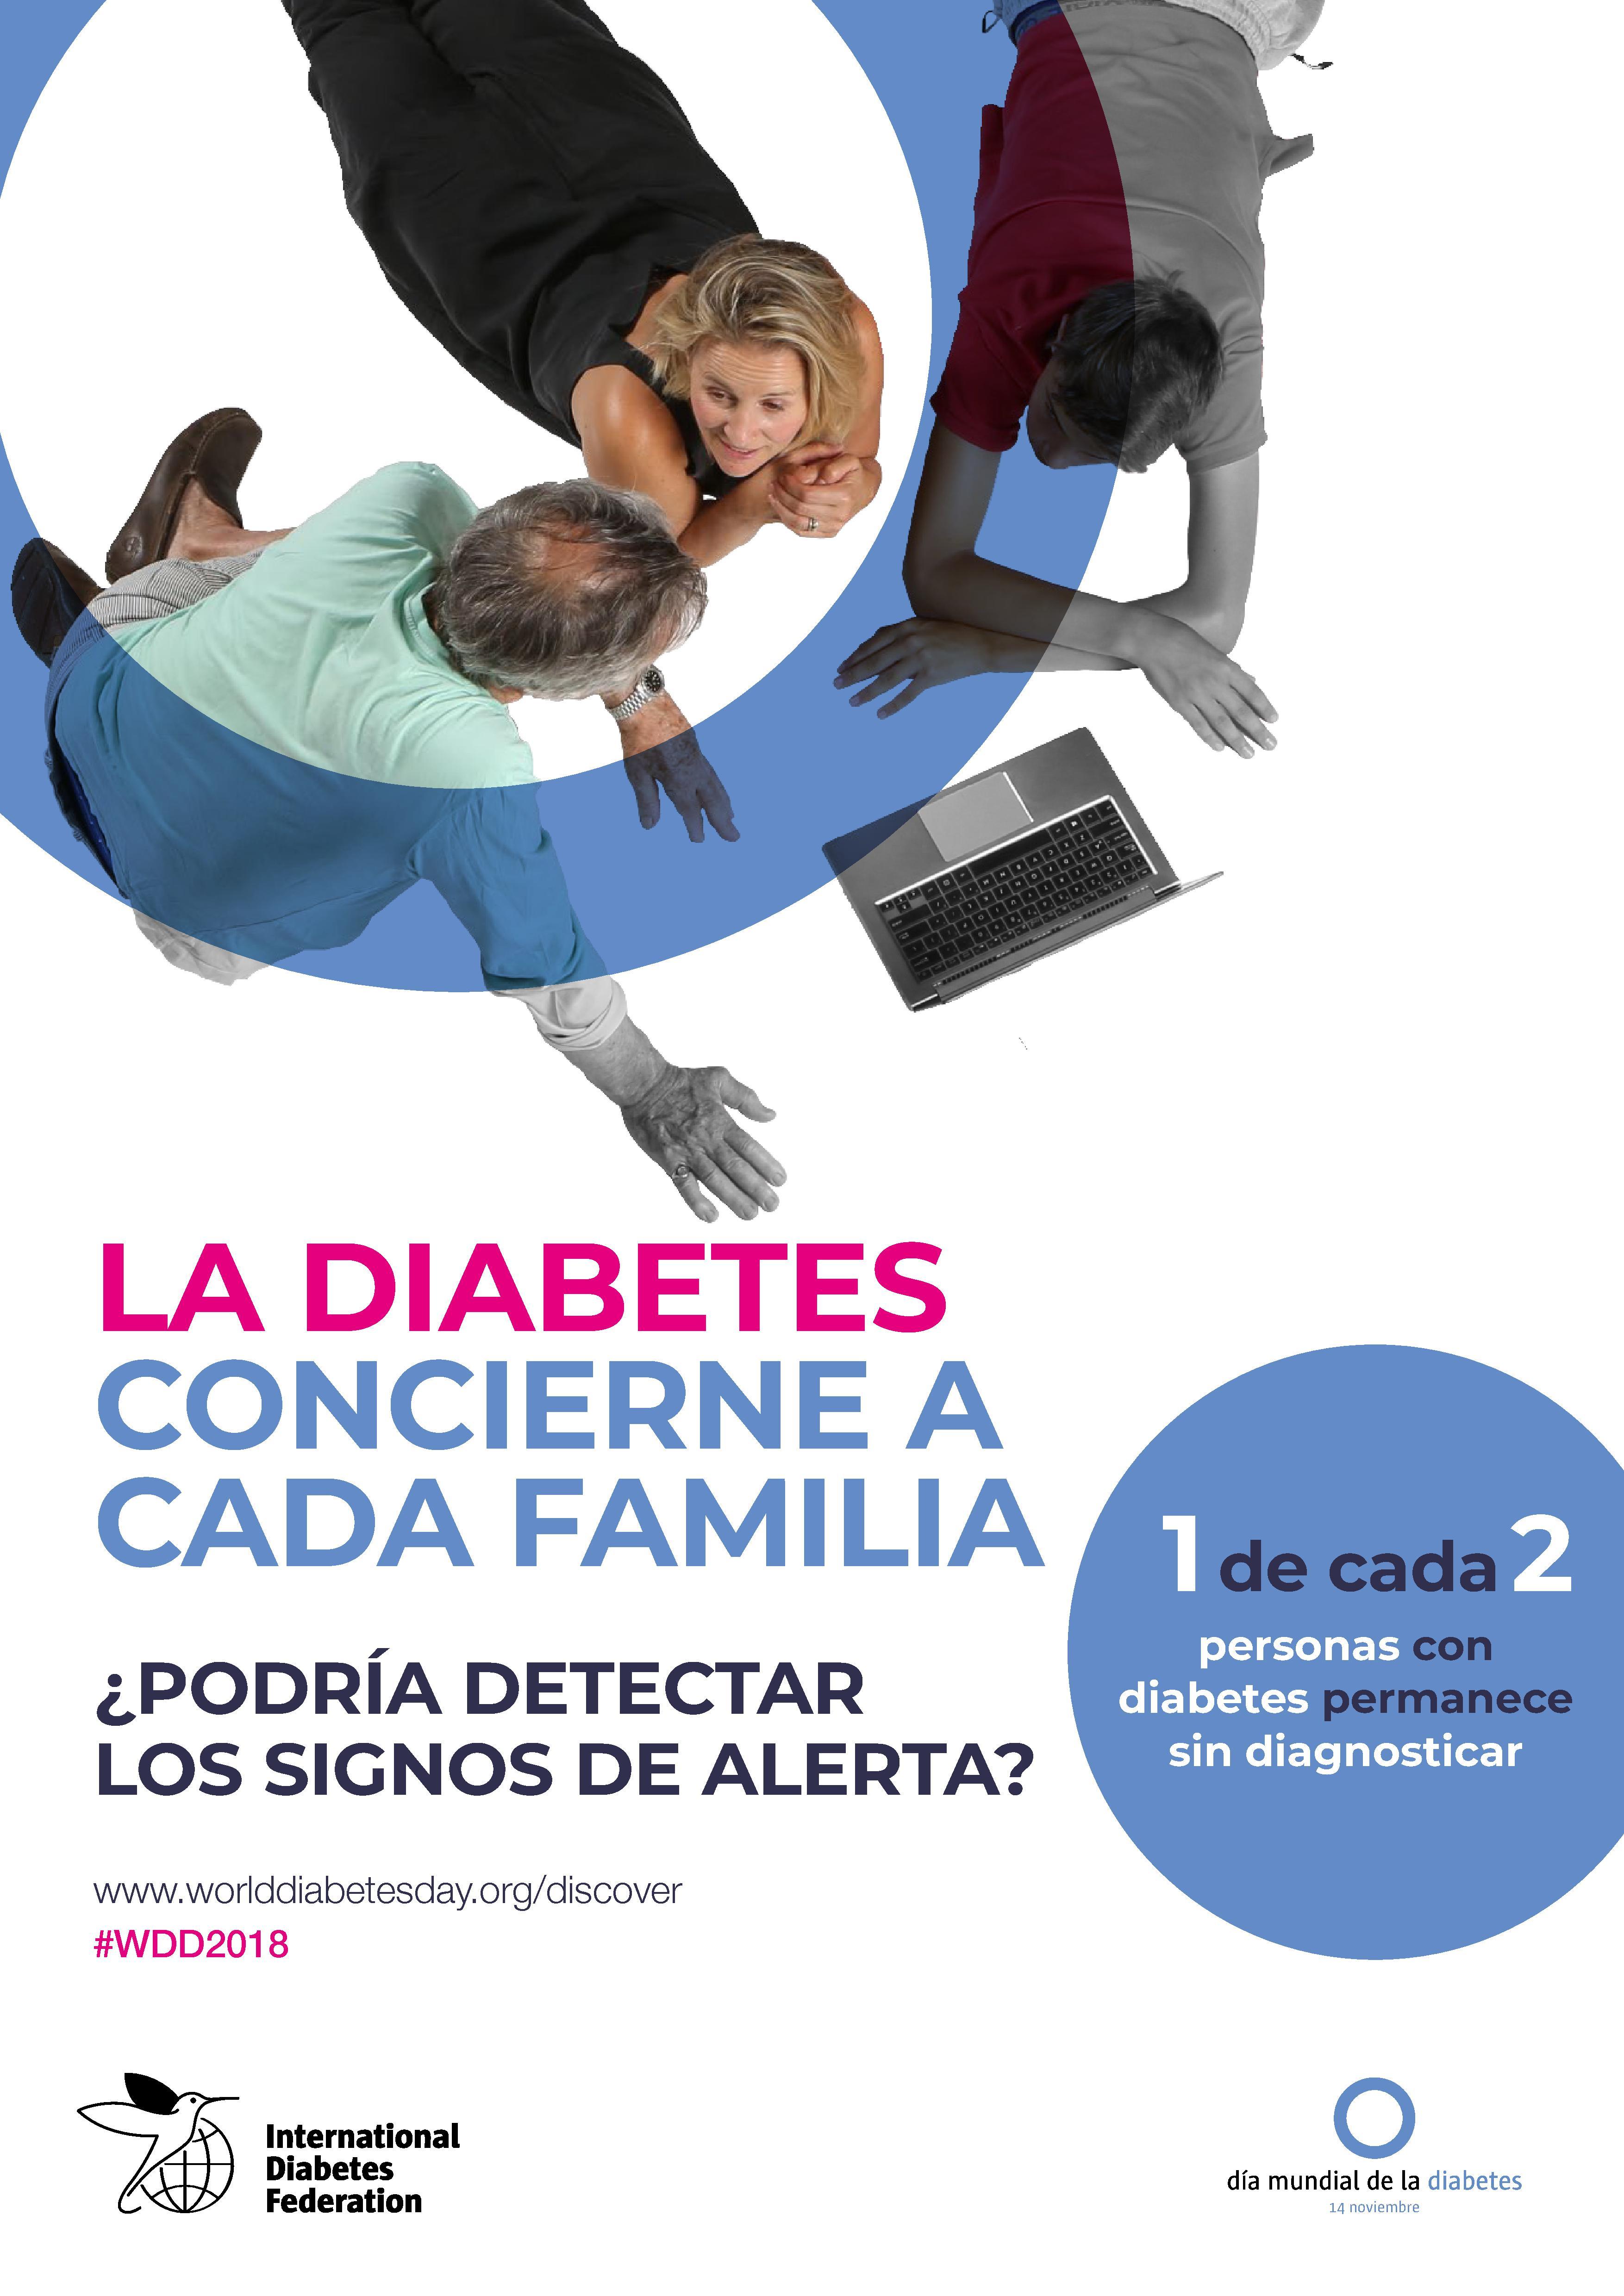 tema del dia de la diabetes